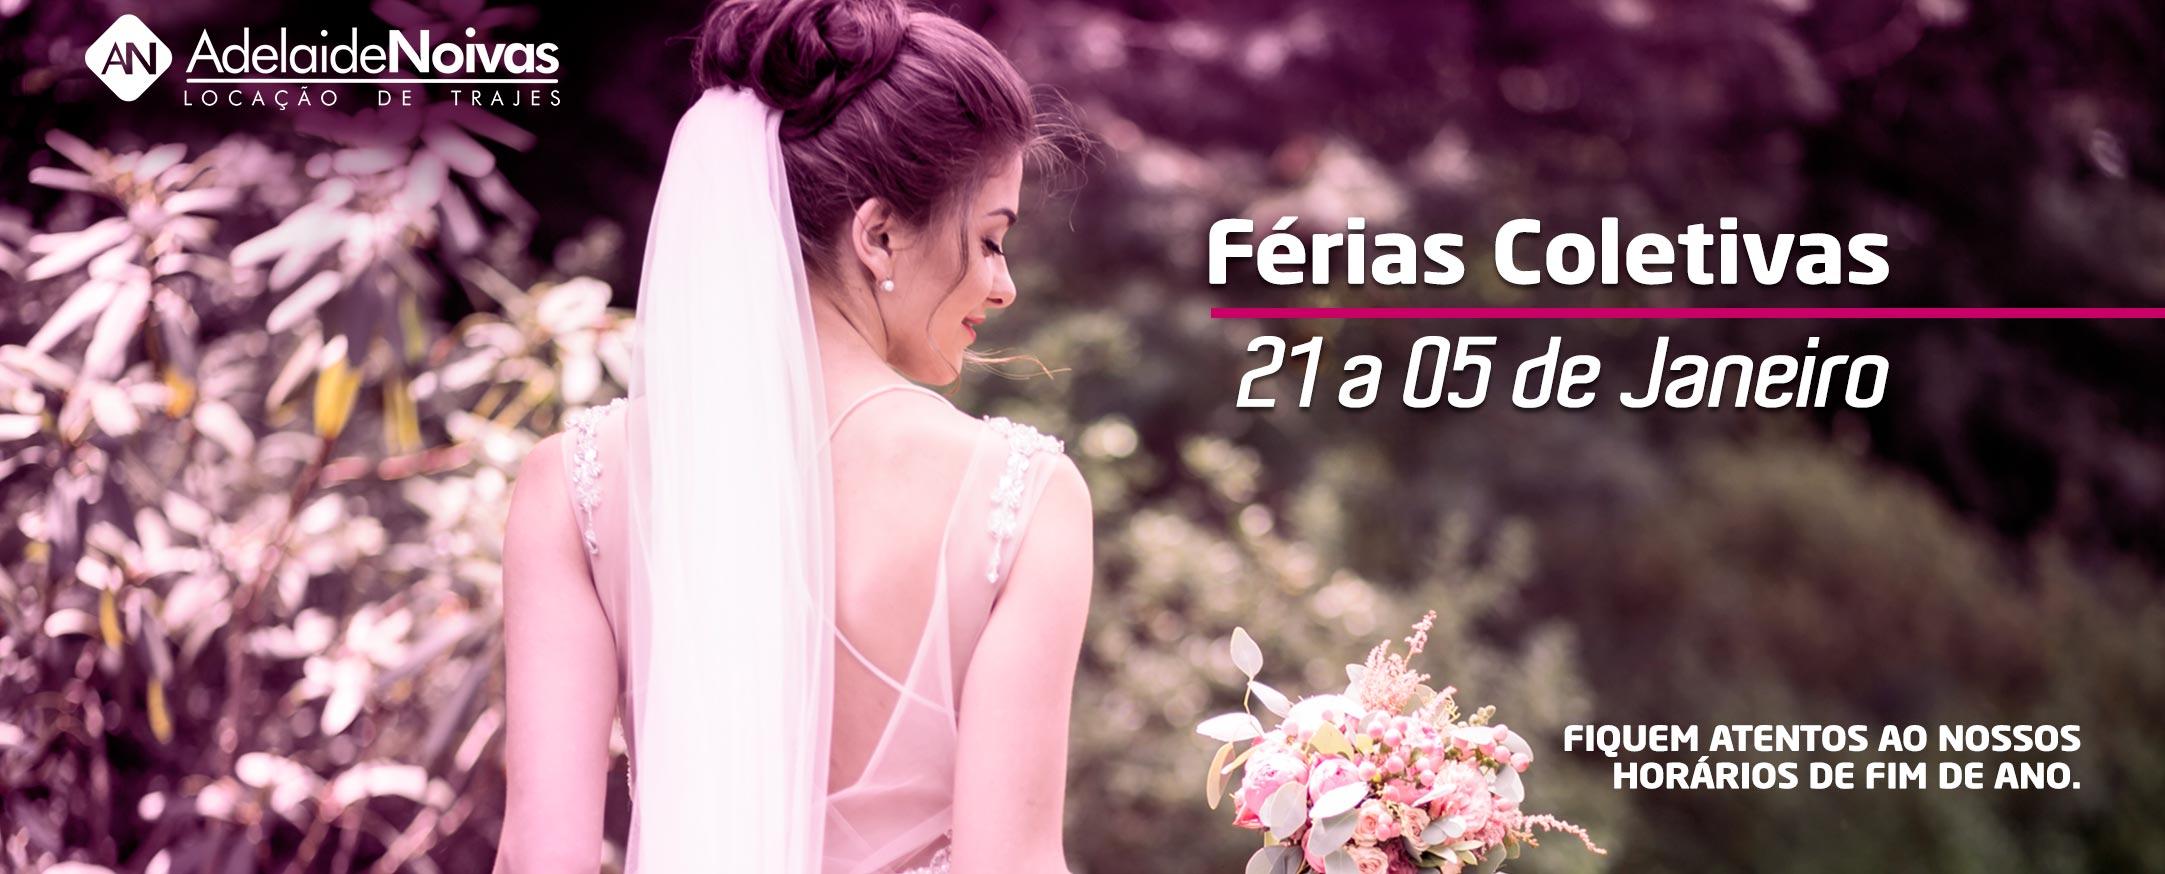 Capa-Site-Ferias-Coletivas